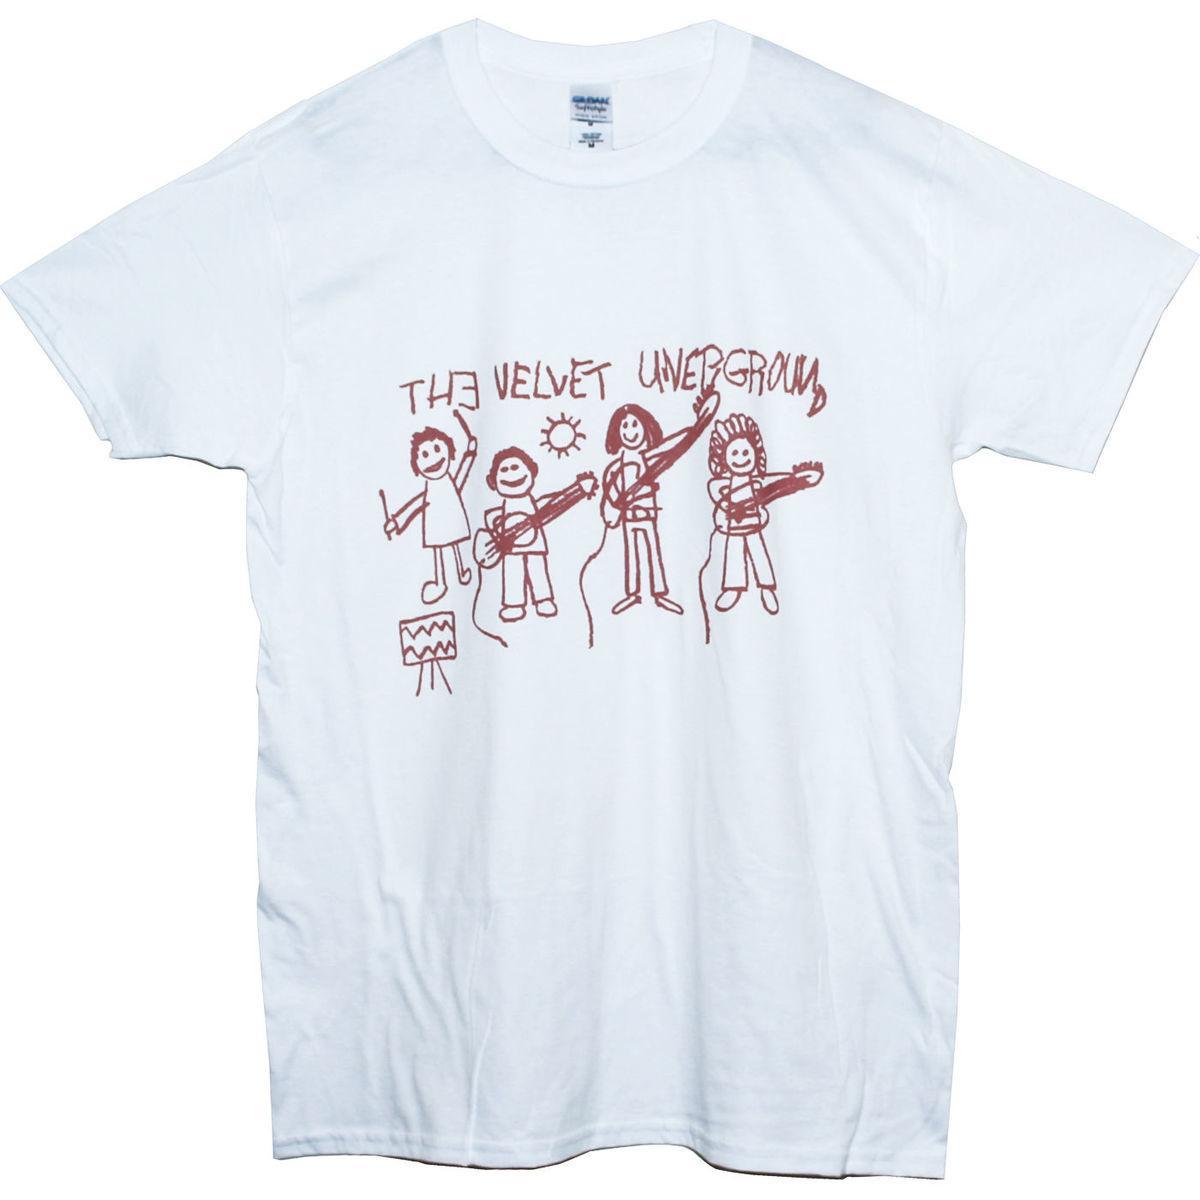 THE VELVET UNDERGROUND T SHIRT Art Garage Punk Rock Band Graphic Tee  Men Women Shirts Cool Crazy Design Shirts From Luckytomorrow e6eadd60d44